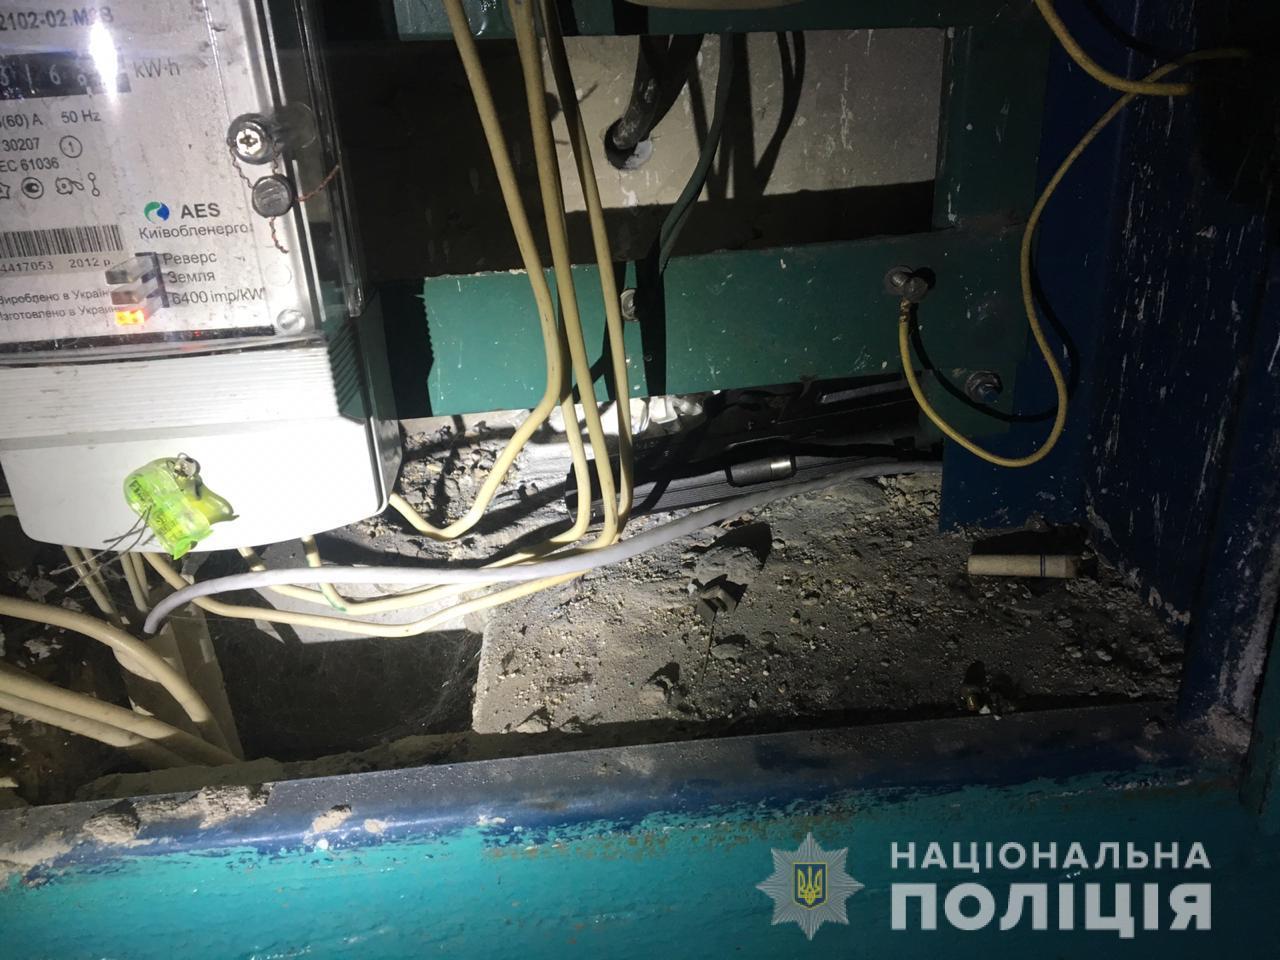 Irp-str-bezhat-utoch1 Не розминулися у дверях: подробиці кривавого інциденту в Ірпені